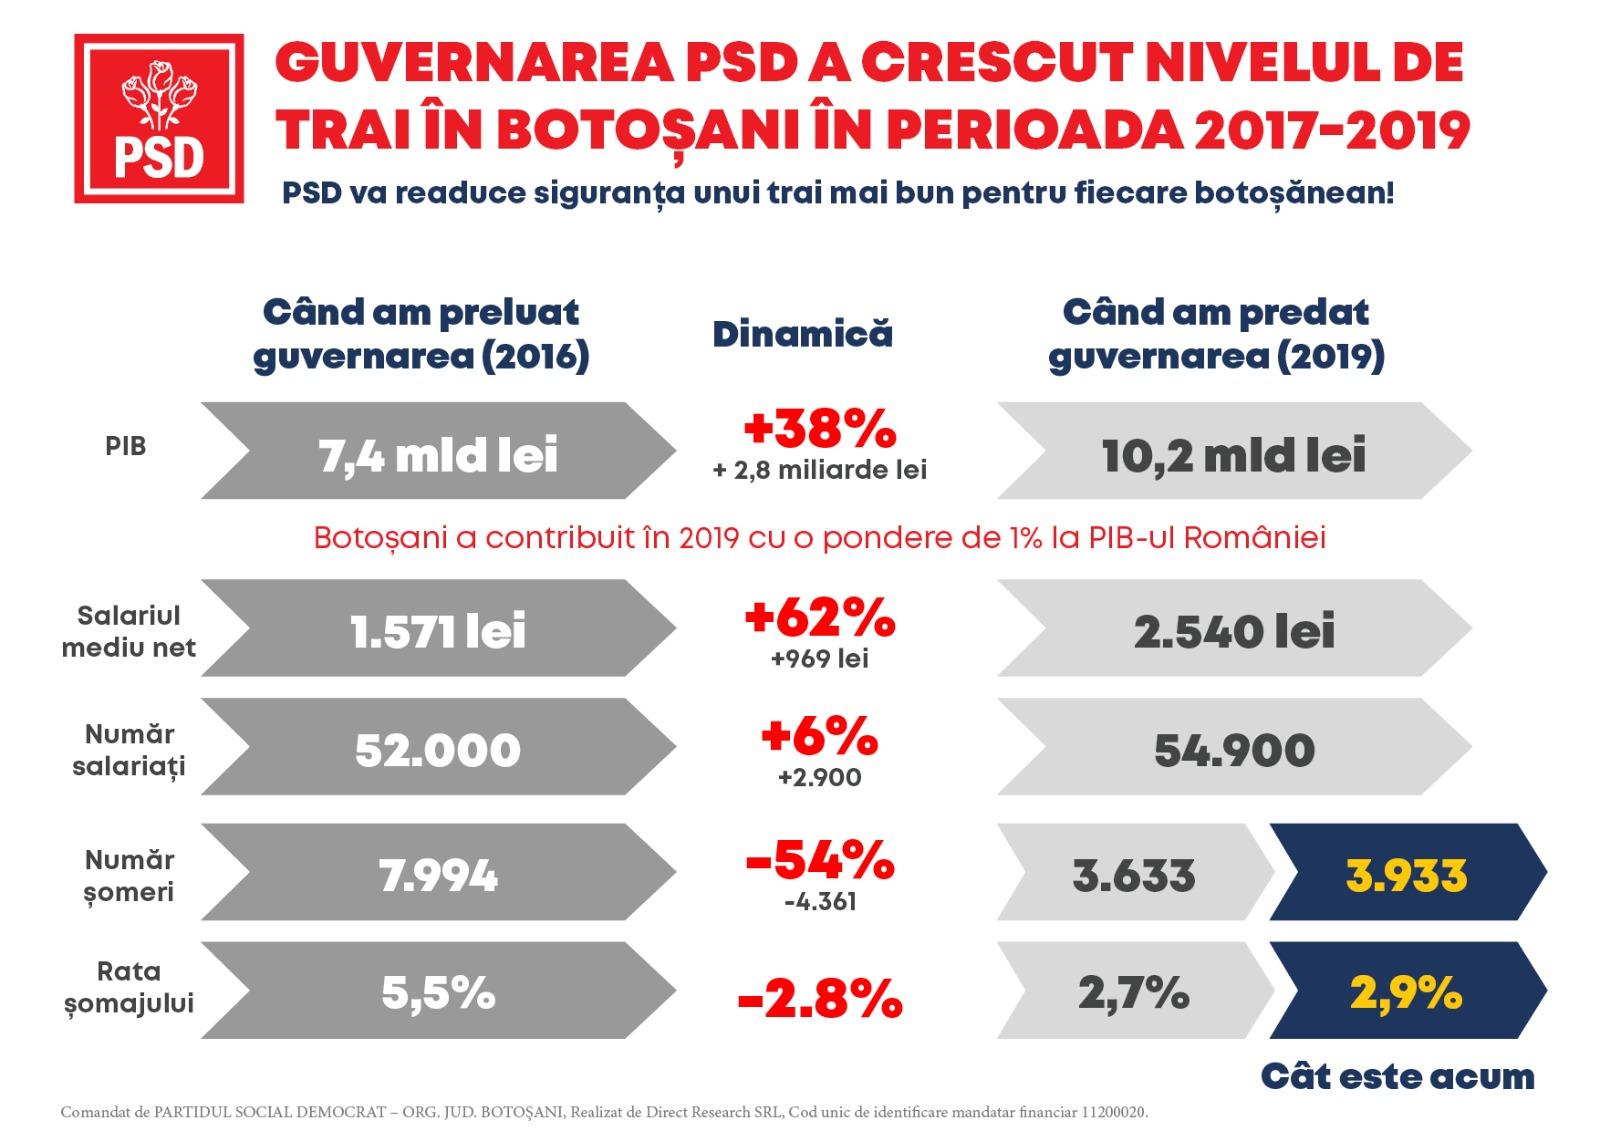 (P)  Realitatea cifrelor arată că faptele guvernării PSD au crescut nivelul de trai al fiecărui botoșănean! PSD este garanția siguranței sănătății, educației și economiei!